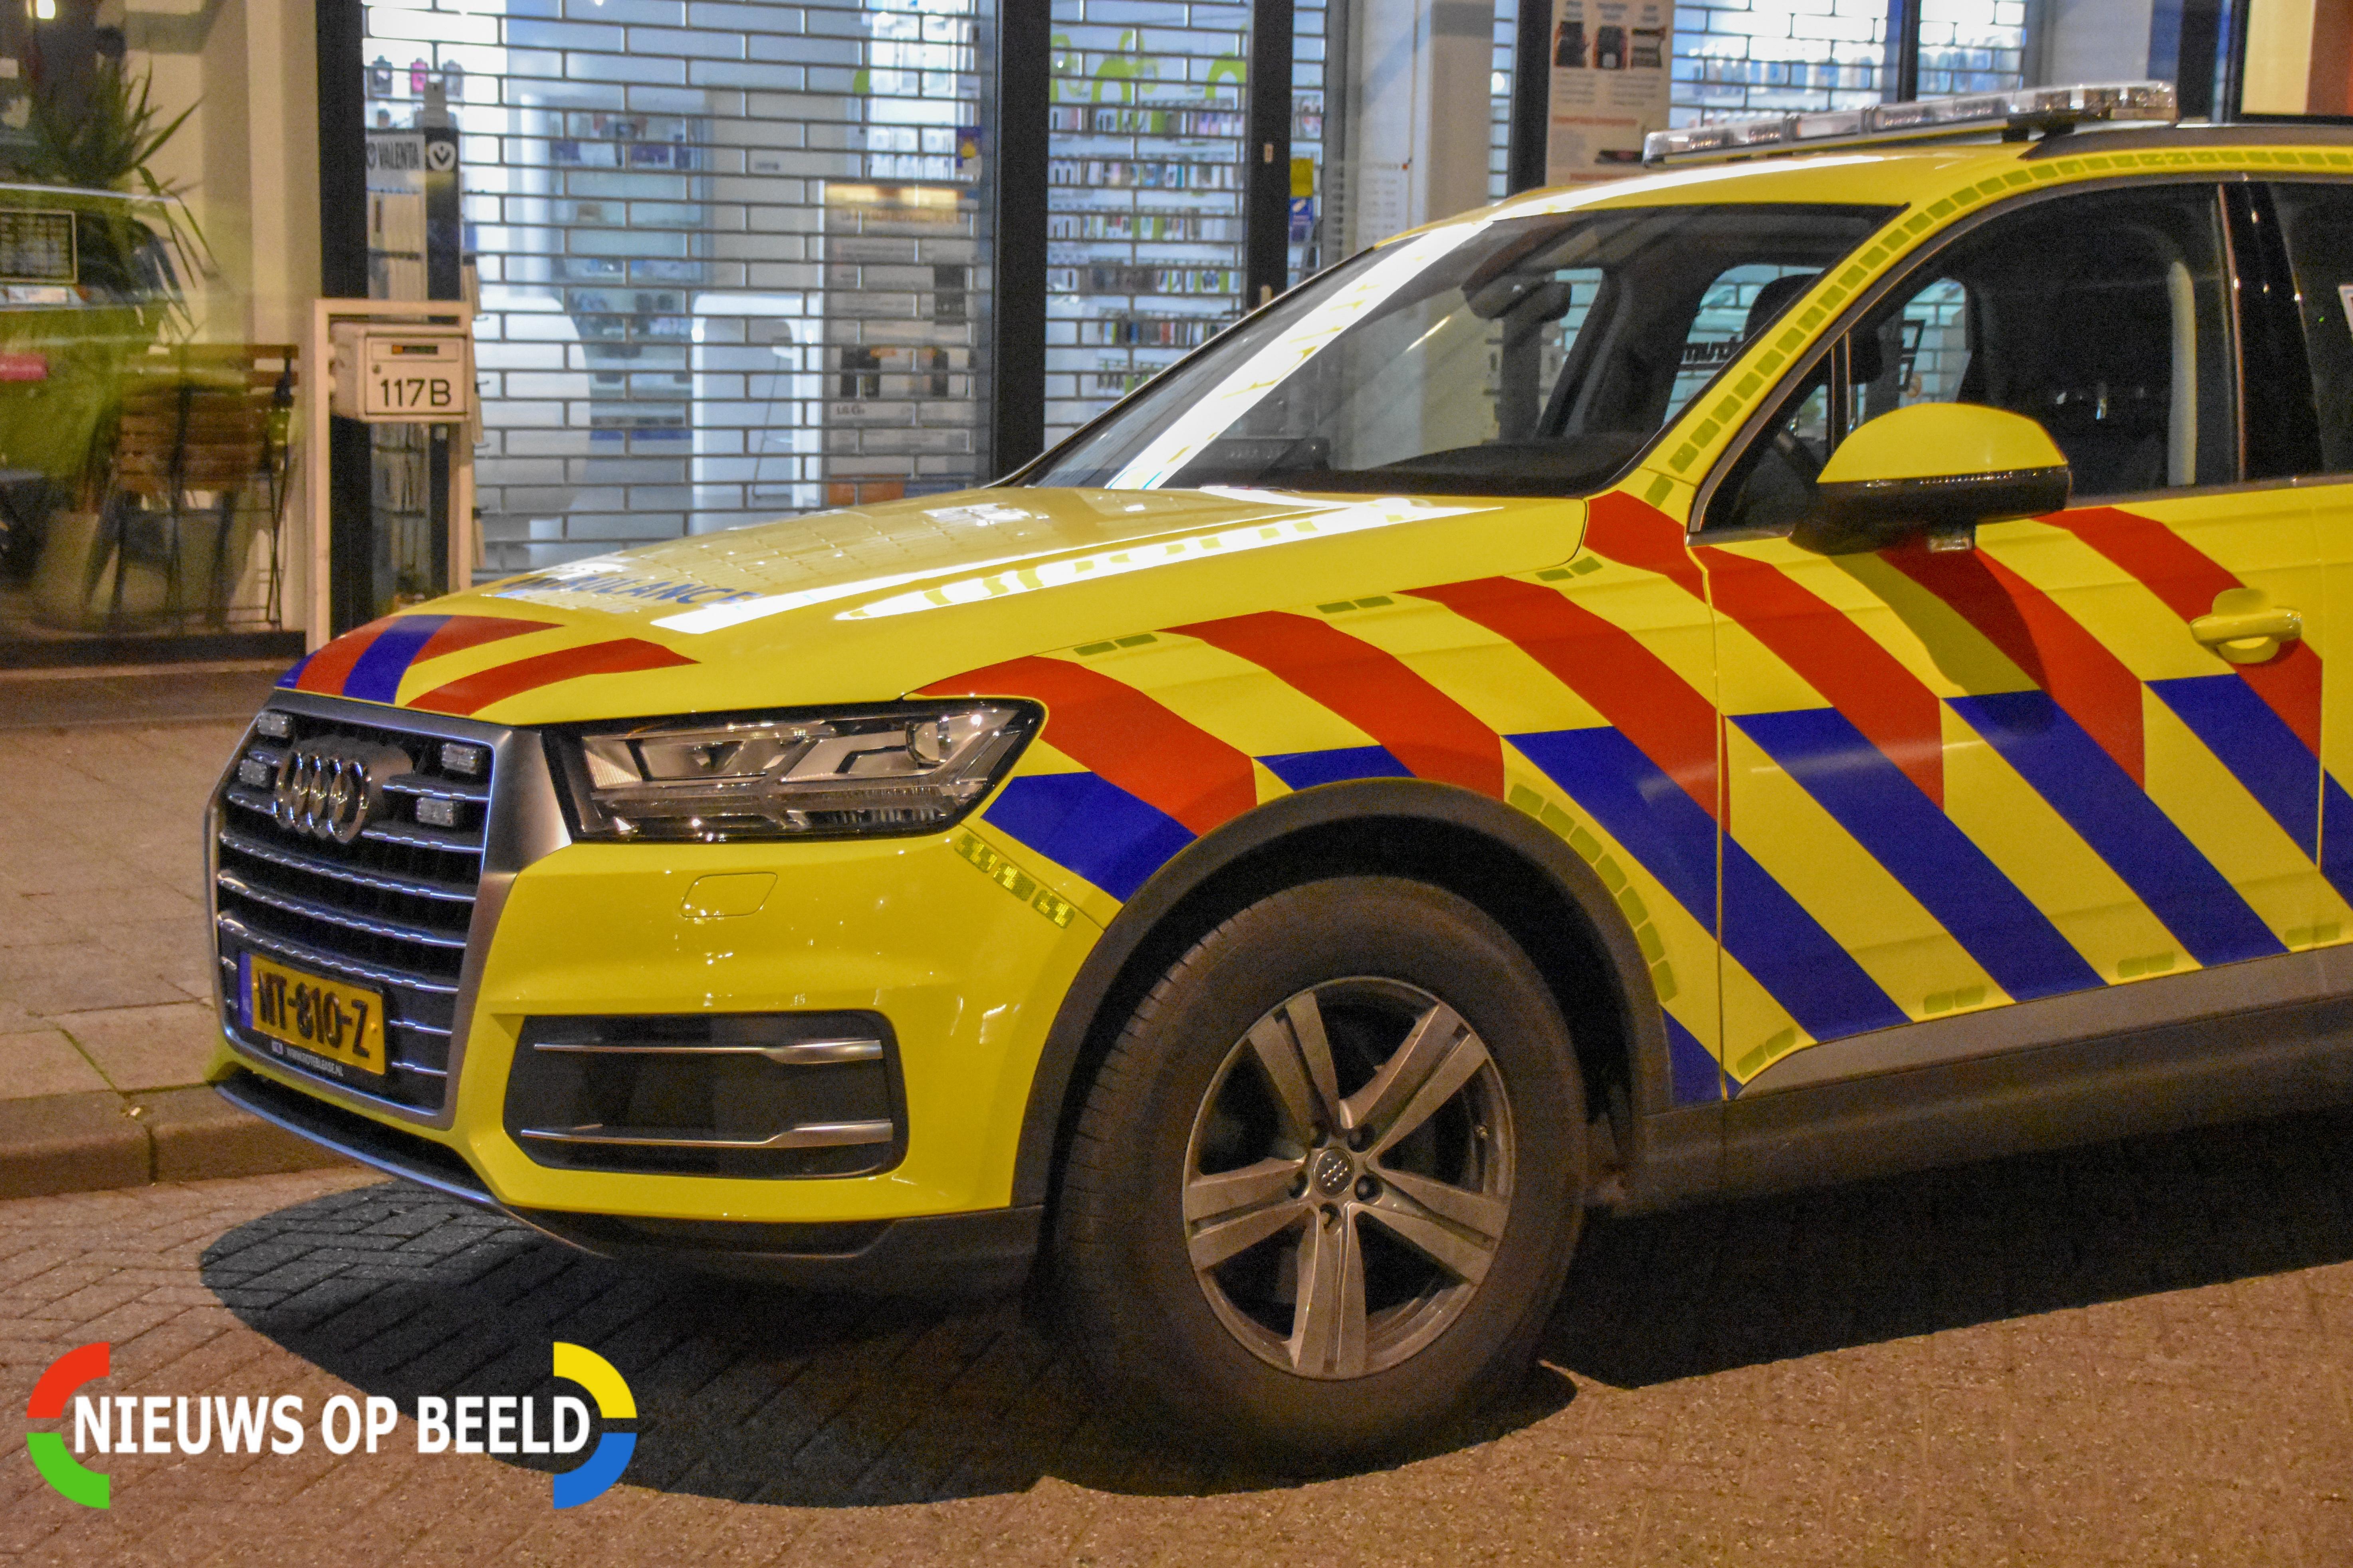 Slachtoffer (25) schietpartij overleden Westkousdijk Rotterdam